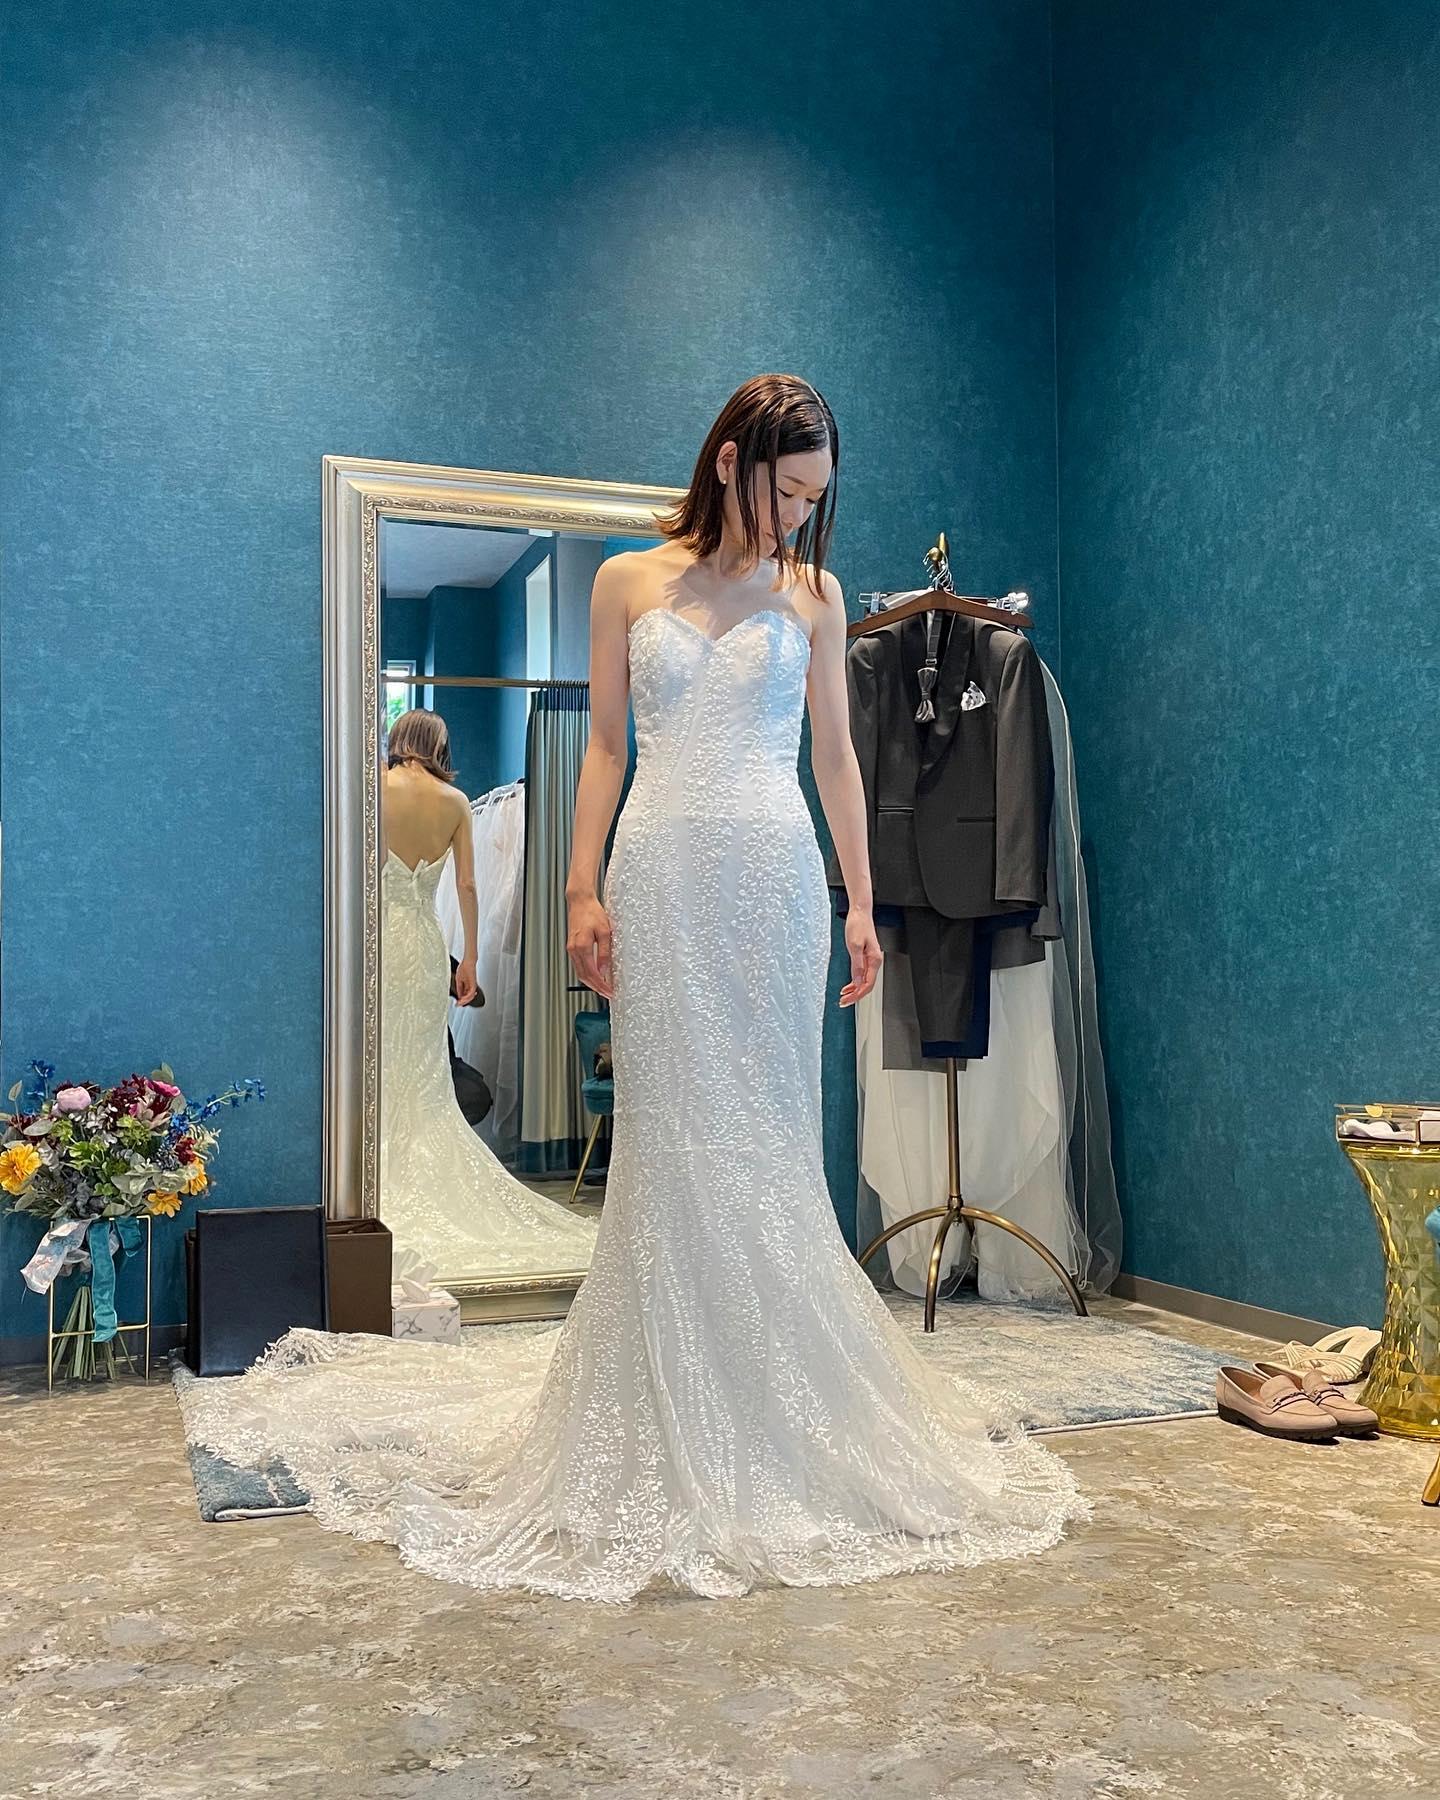 """・先日のご試着のお客様🕊とっても美しく着こなしていただきました・裾まで続く繊細な刺繍とスパンコール…マーメイドラインは、モダンでスタイリッシュなブライズスタイルを叶えます♀️・ゲストの視線を釘付けにするならこの一着で決まり・""""JOLIE""""購入価格¥370,000・#wedding #weddingdress #instagood #instalike #claras #paris #ウェディングドレス #プレ花嫁 #ドレス試着 #ドレス迷子#2021冬婚 #ヘアメイク #結婚式  #ドレス選び #前撮り #インポートドレス #フォトウェディング #ウェディングヘア  #フォト婚 #ニューノーマル #ブライダルフォト #カップルフォト #ウェディングドレス探し #ウェディングドレス試着 #セルドレス #ドレスショップ  #クララス #マーメイドライン"""